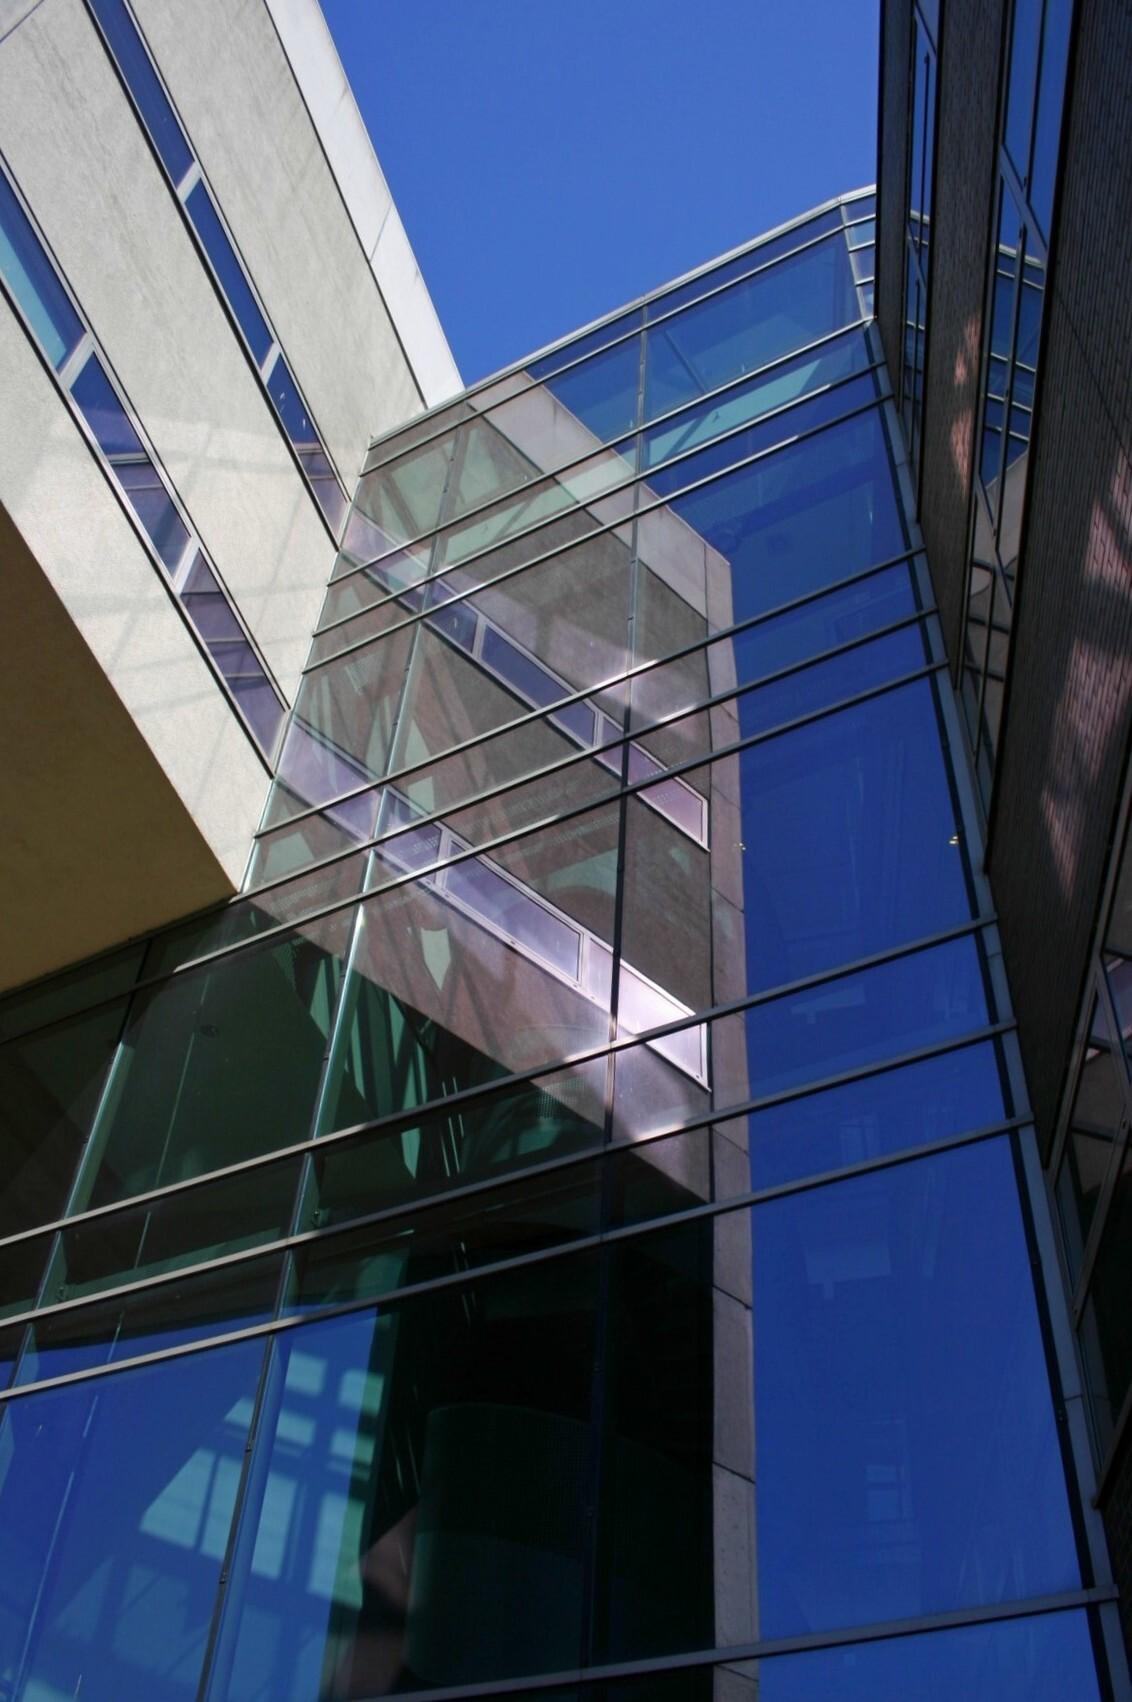 Spiegeling gebouw - Vandaag weer op pad gegaan heb ik deze spiegeling gemaakt. - foto door Smeets op 29-03-2021 - deze foto bevat: architectuur